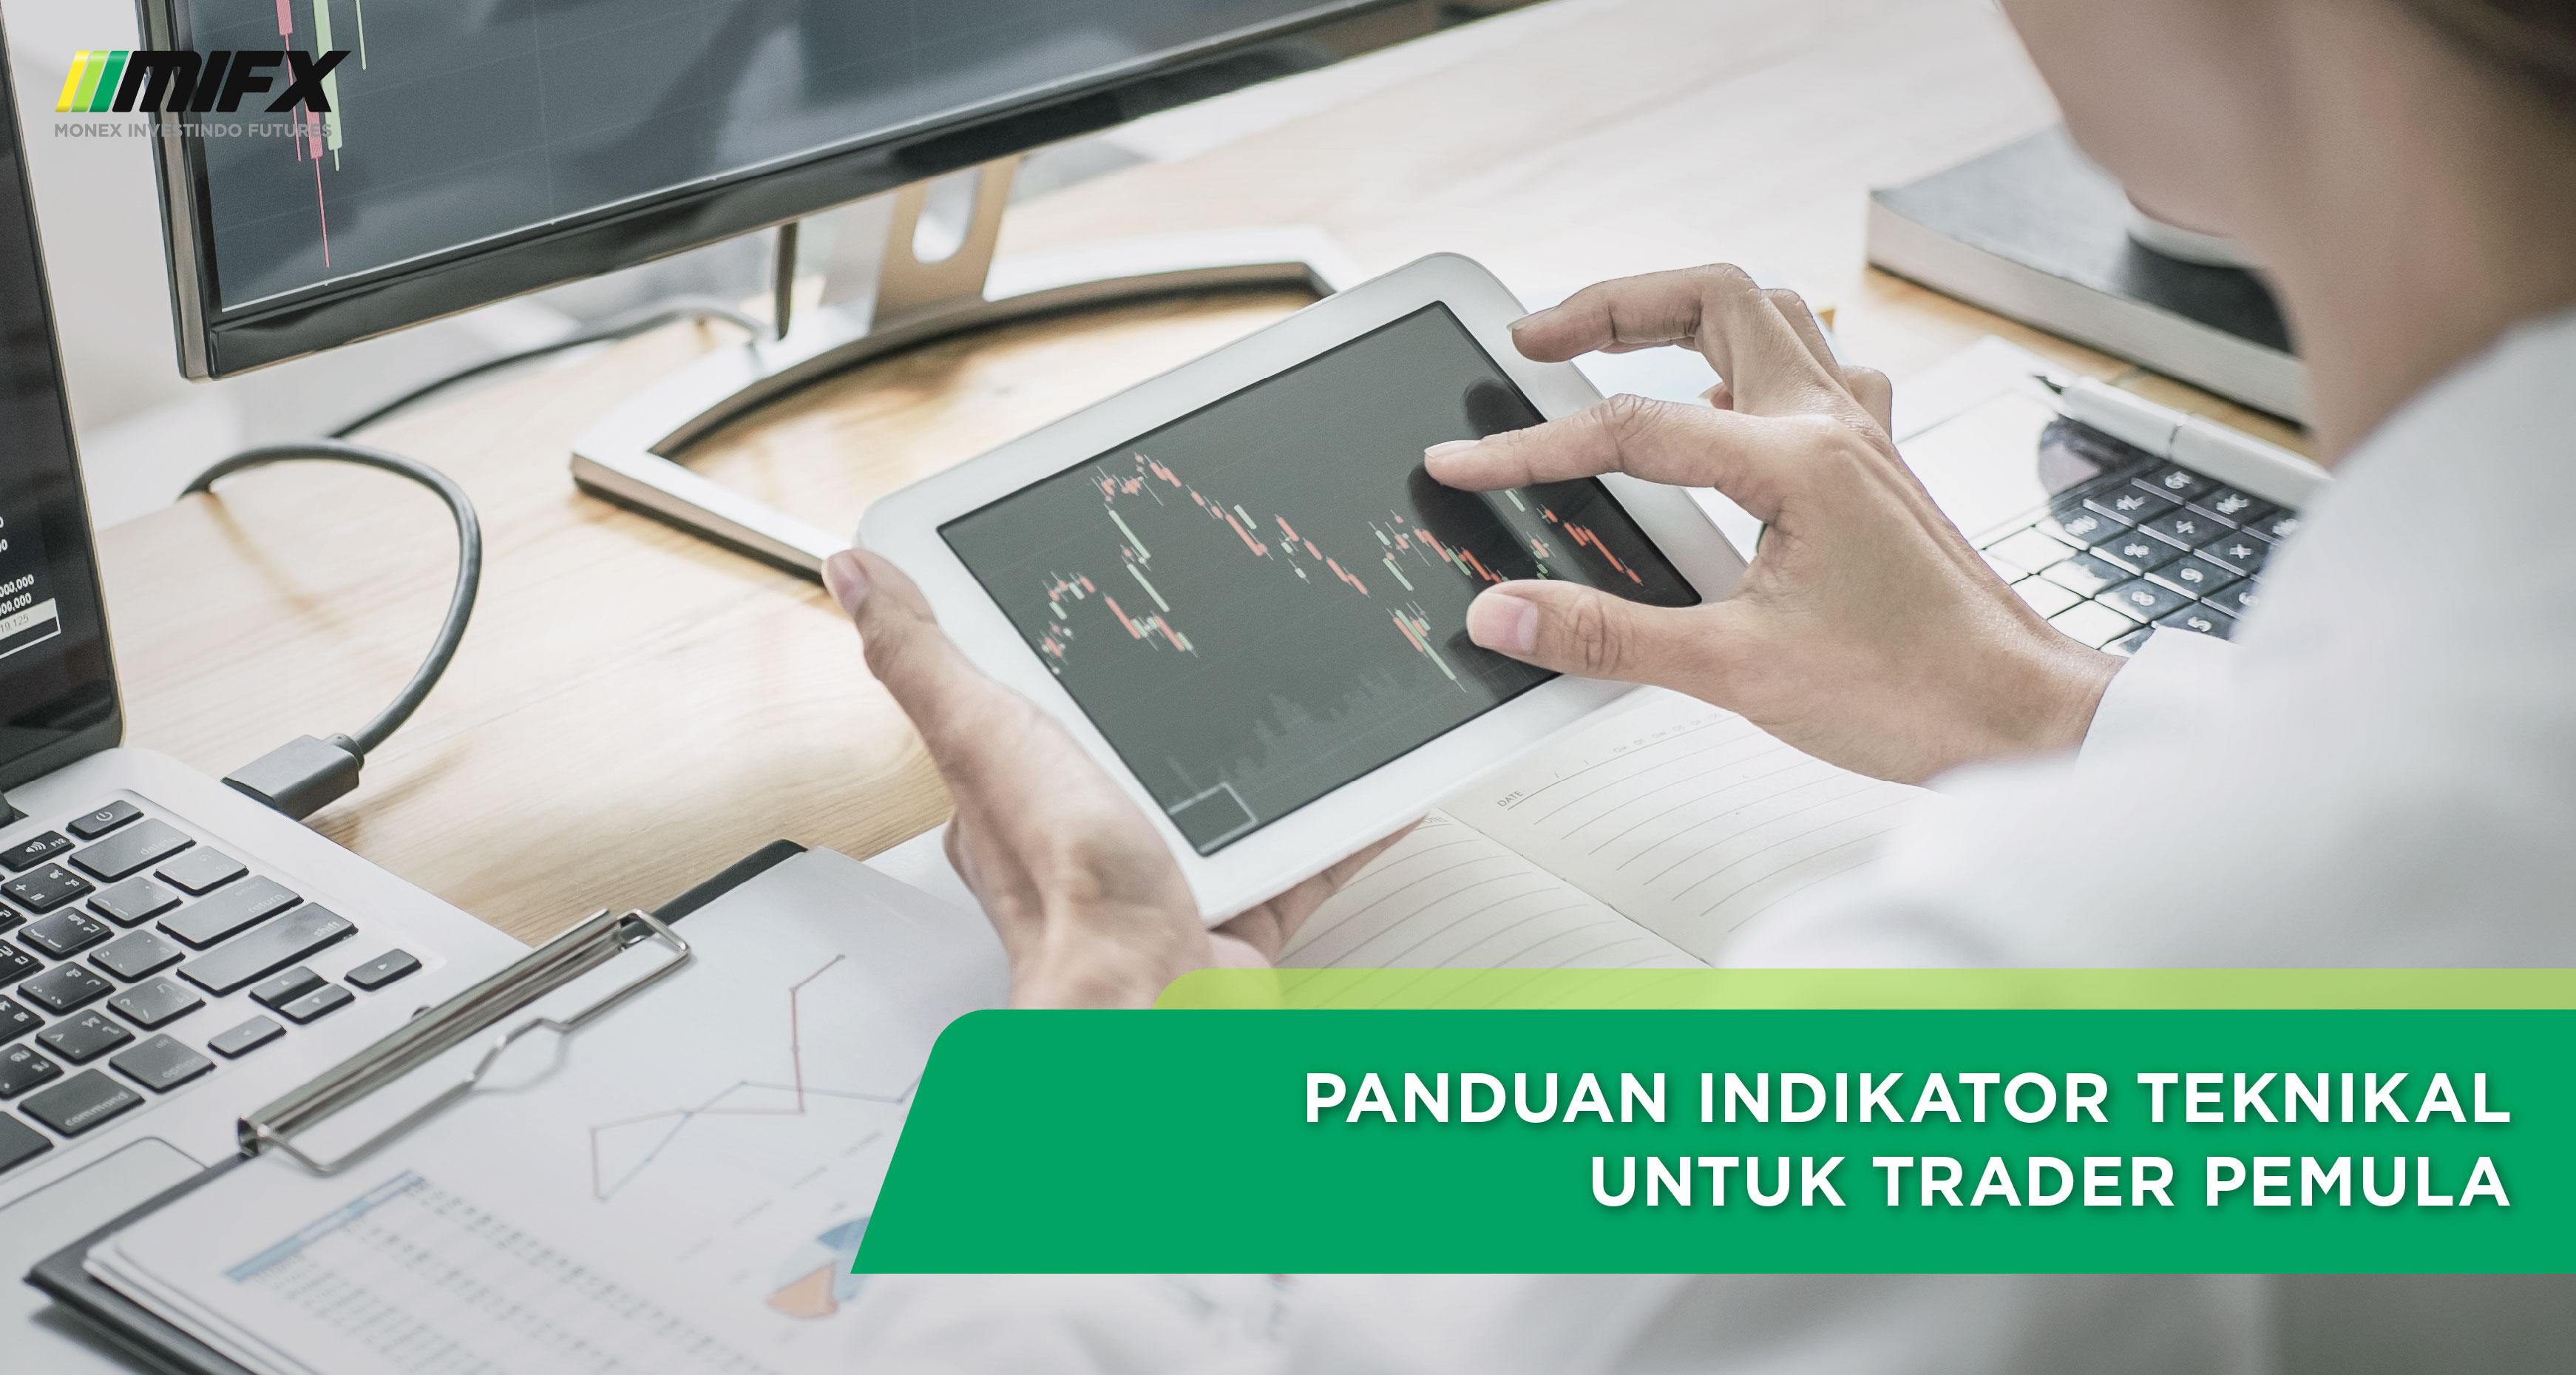 -article-01-panduan-indikator-teknikal1607401184.jpg